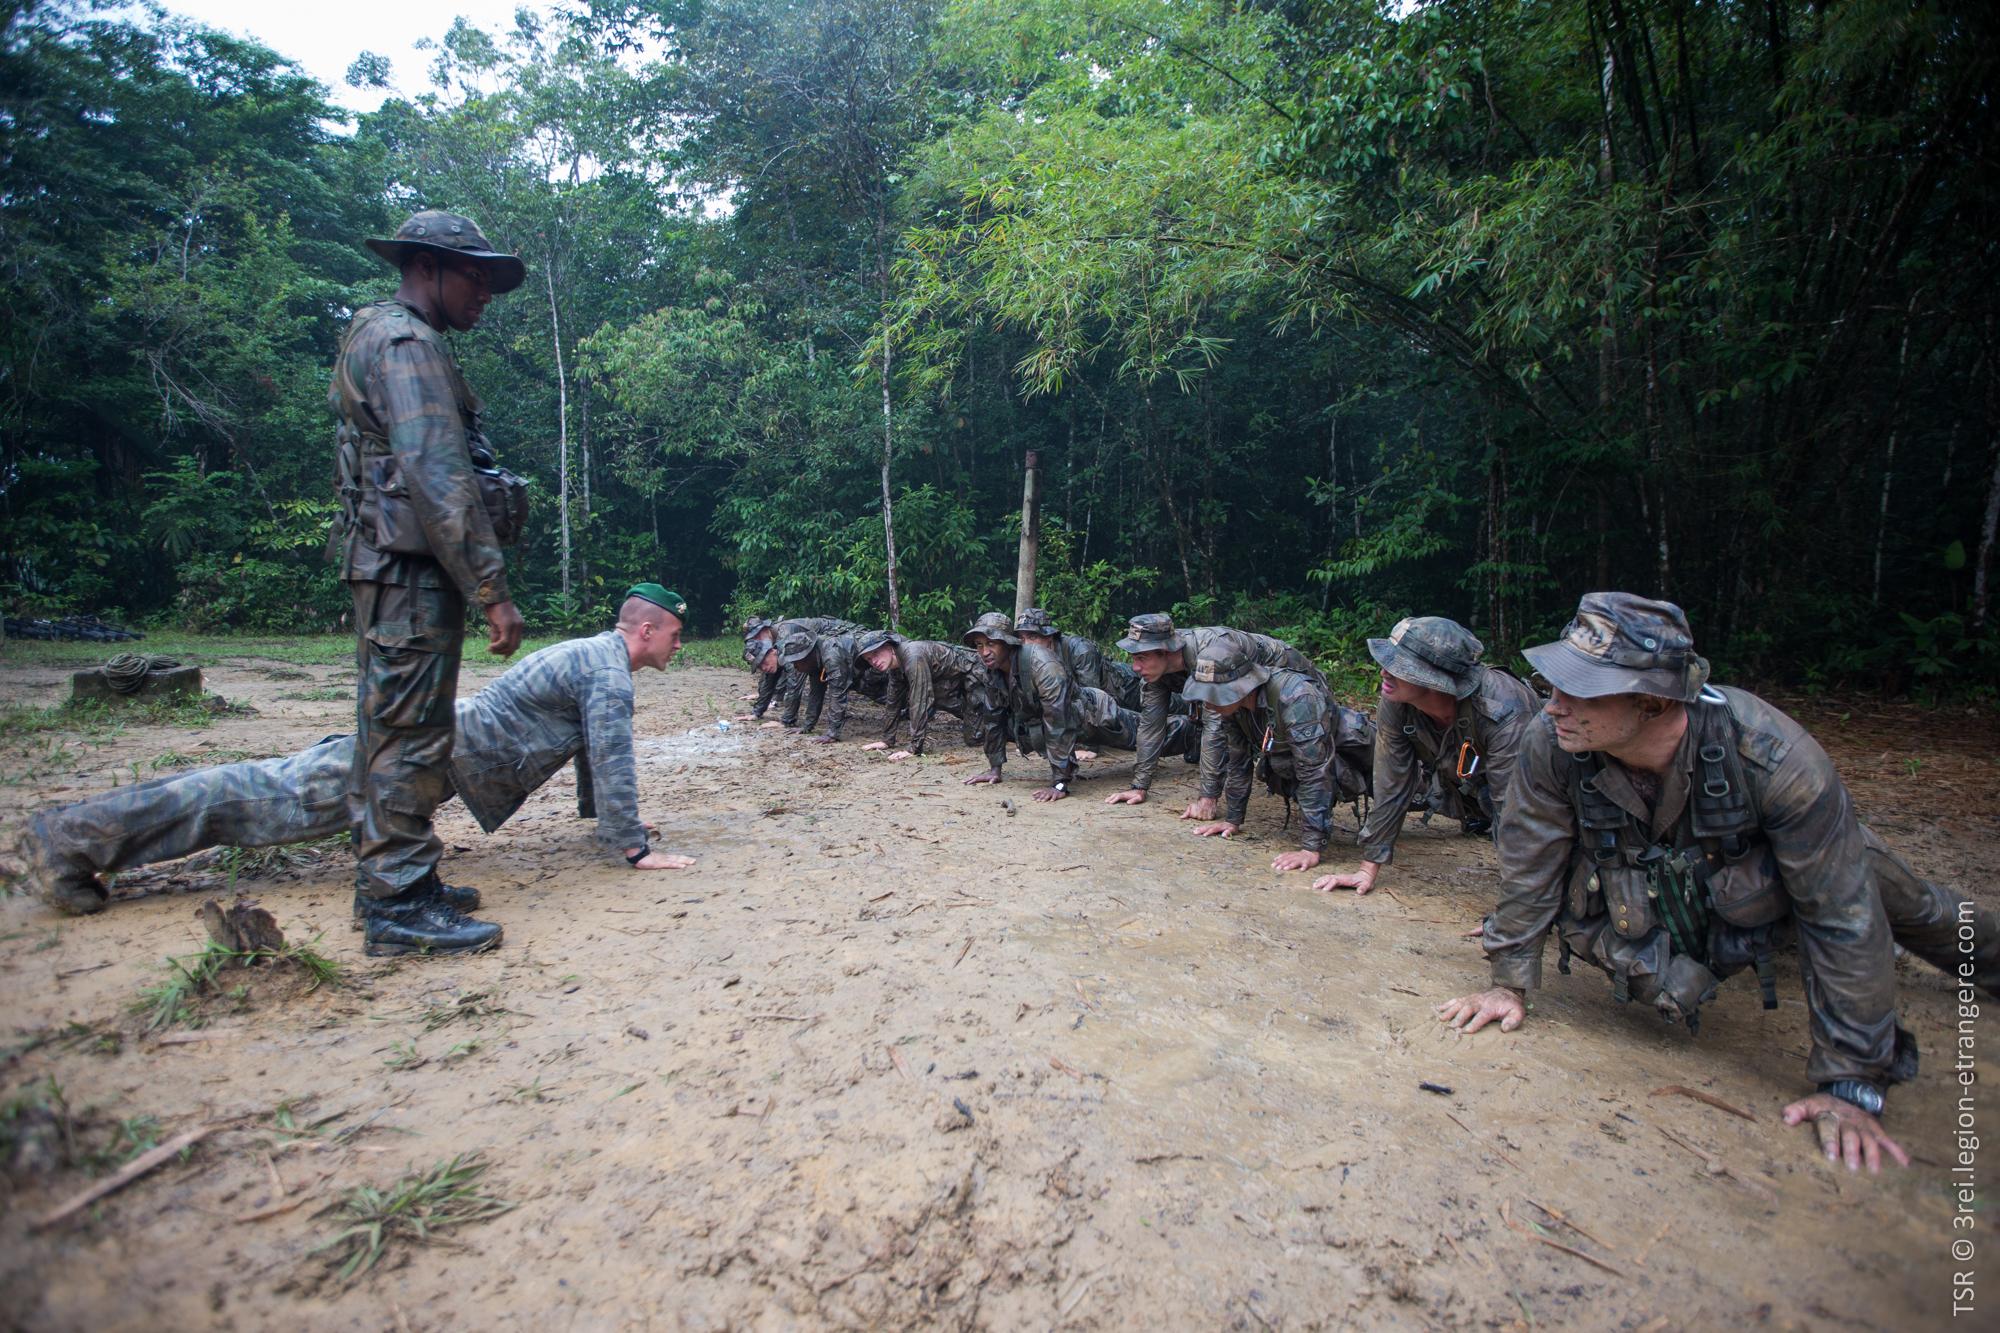 Floresta Do Mal Online with deux mois à la légion : une autre vision de la forêt